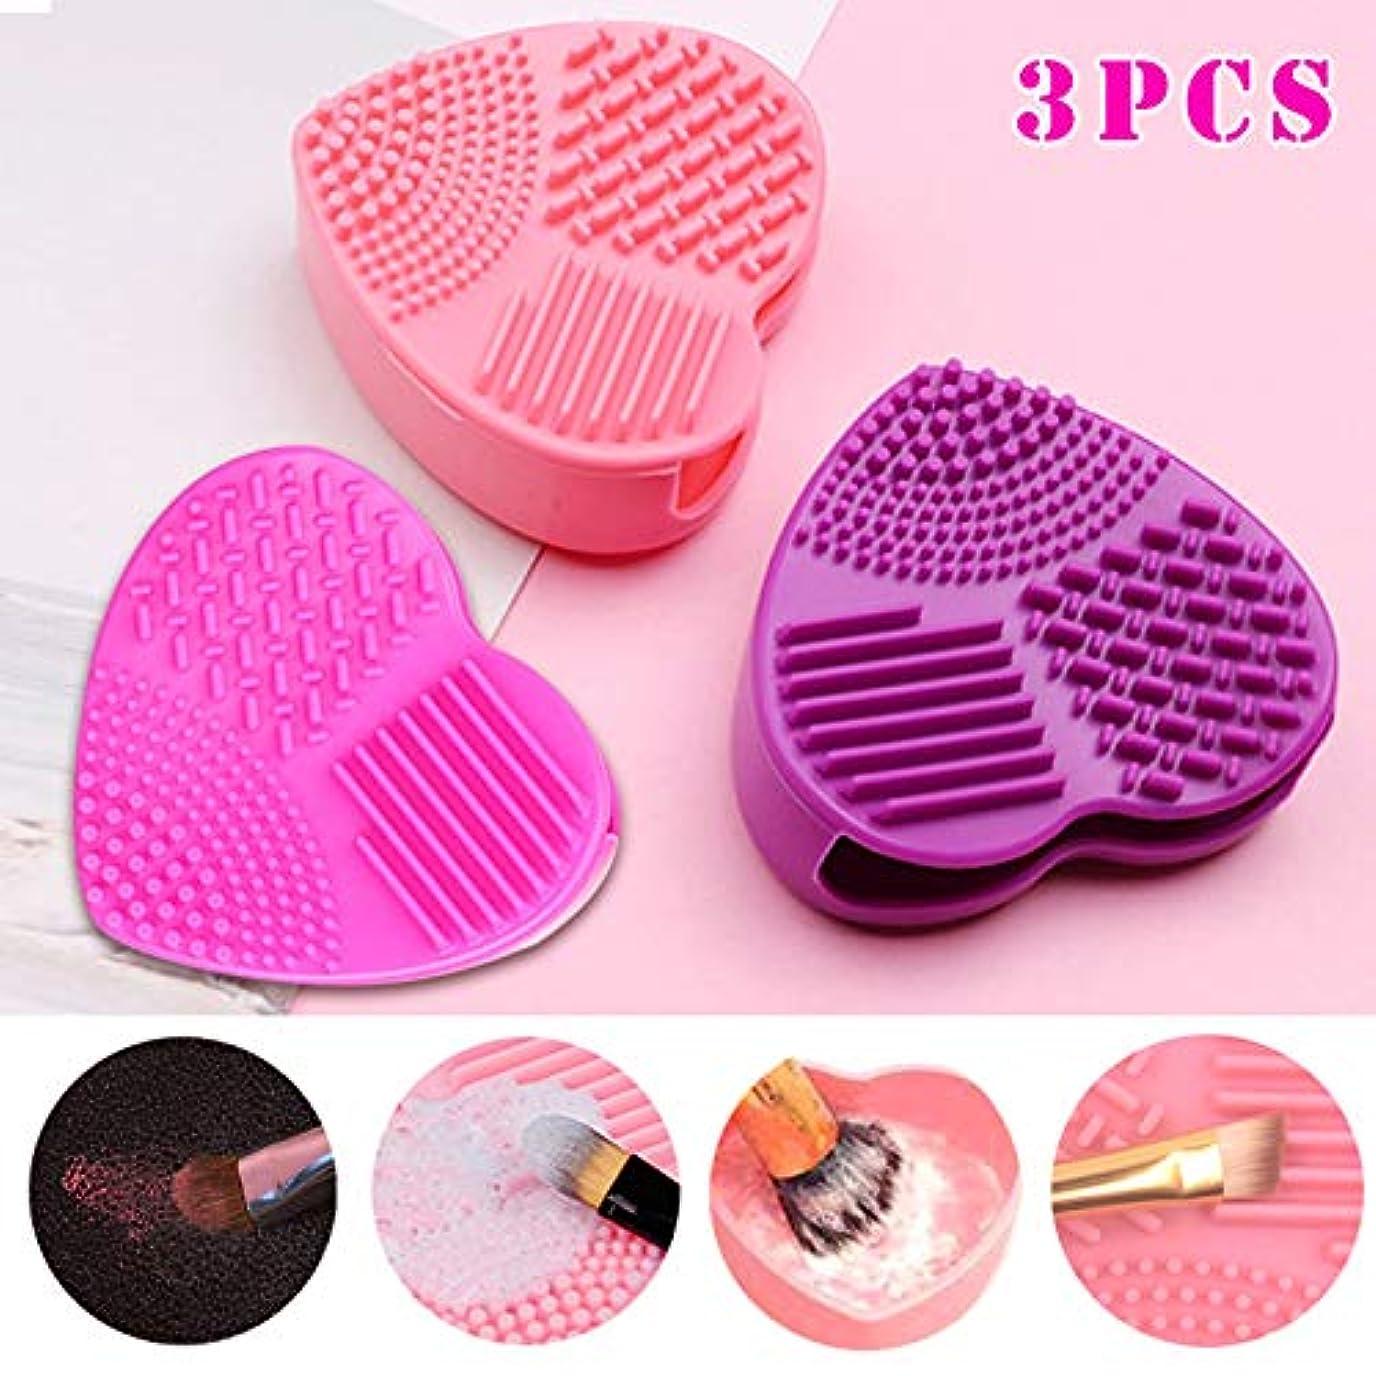 アンケート今まで衝撃Symboat 3つのハート型の化粧ブラシのクリーニングパッド 洗浄ブラシ ピンクのハート形 化粧ブラシ用清掃パッド